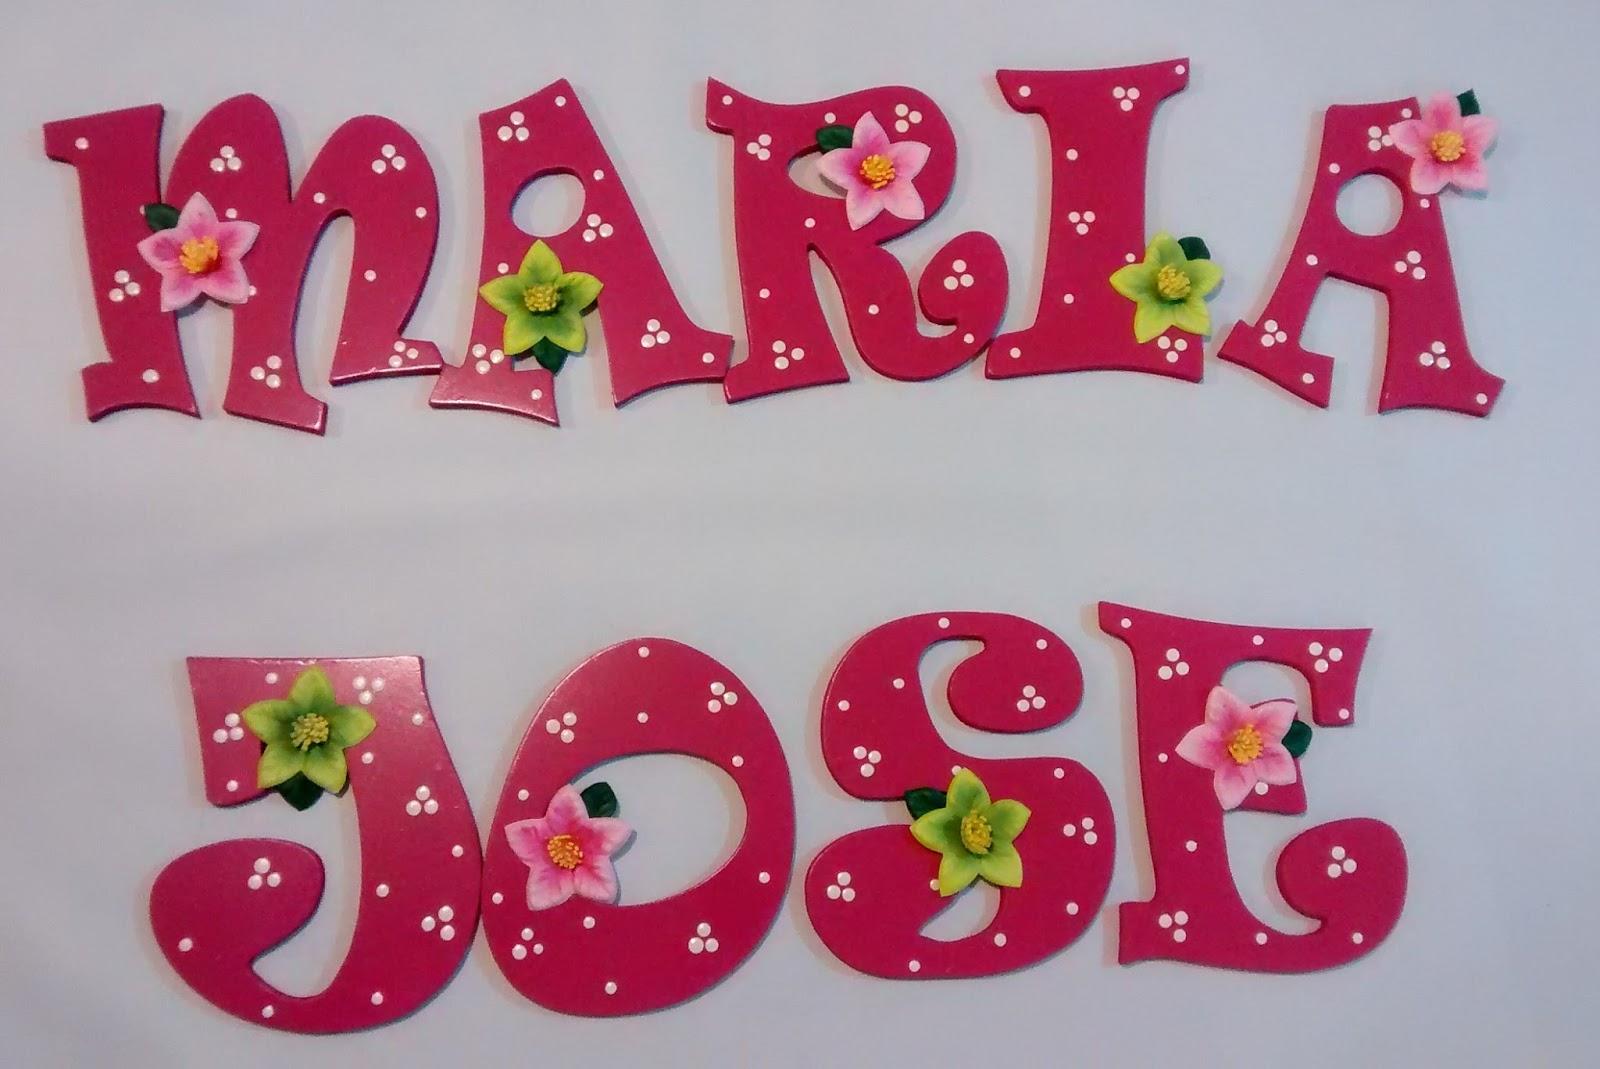 Galeria arte y dise o madekids letras en mdf - Letras de nombres para decorar ...